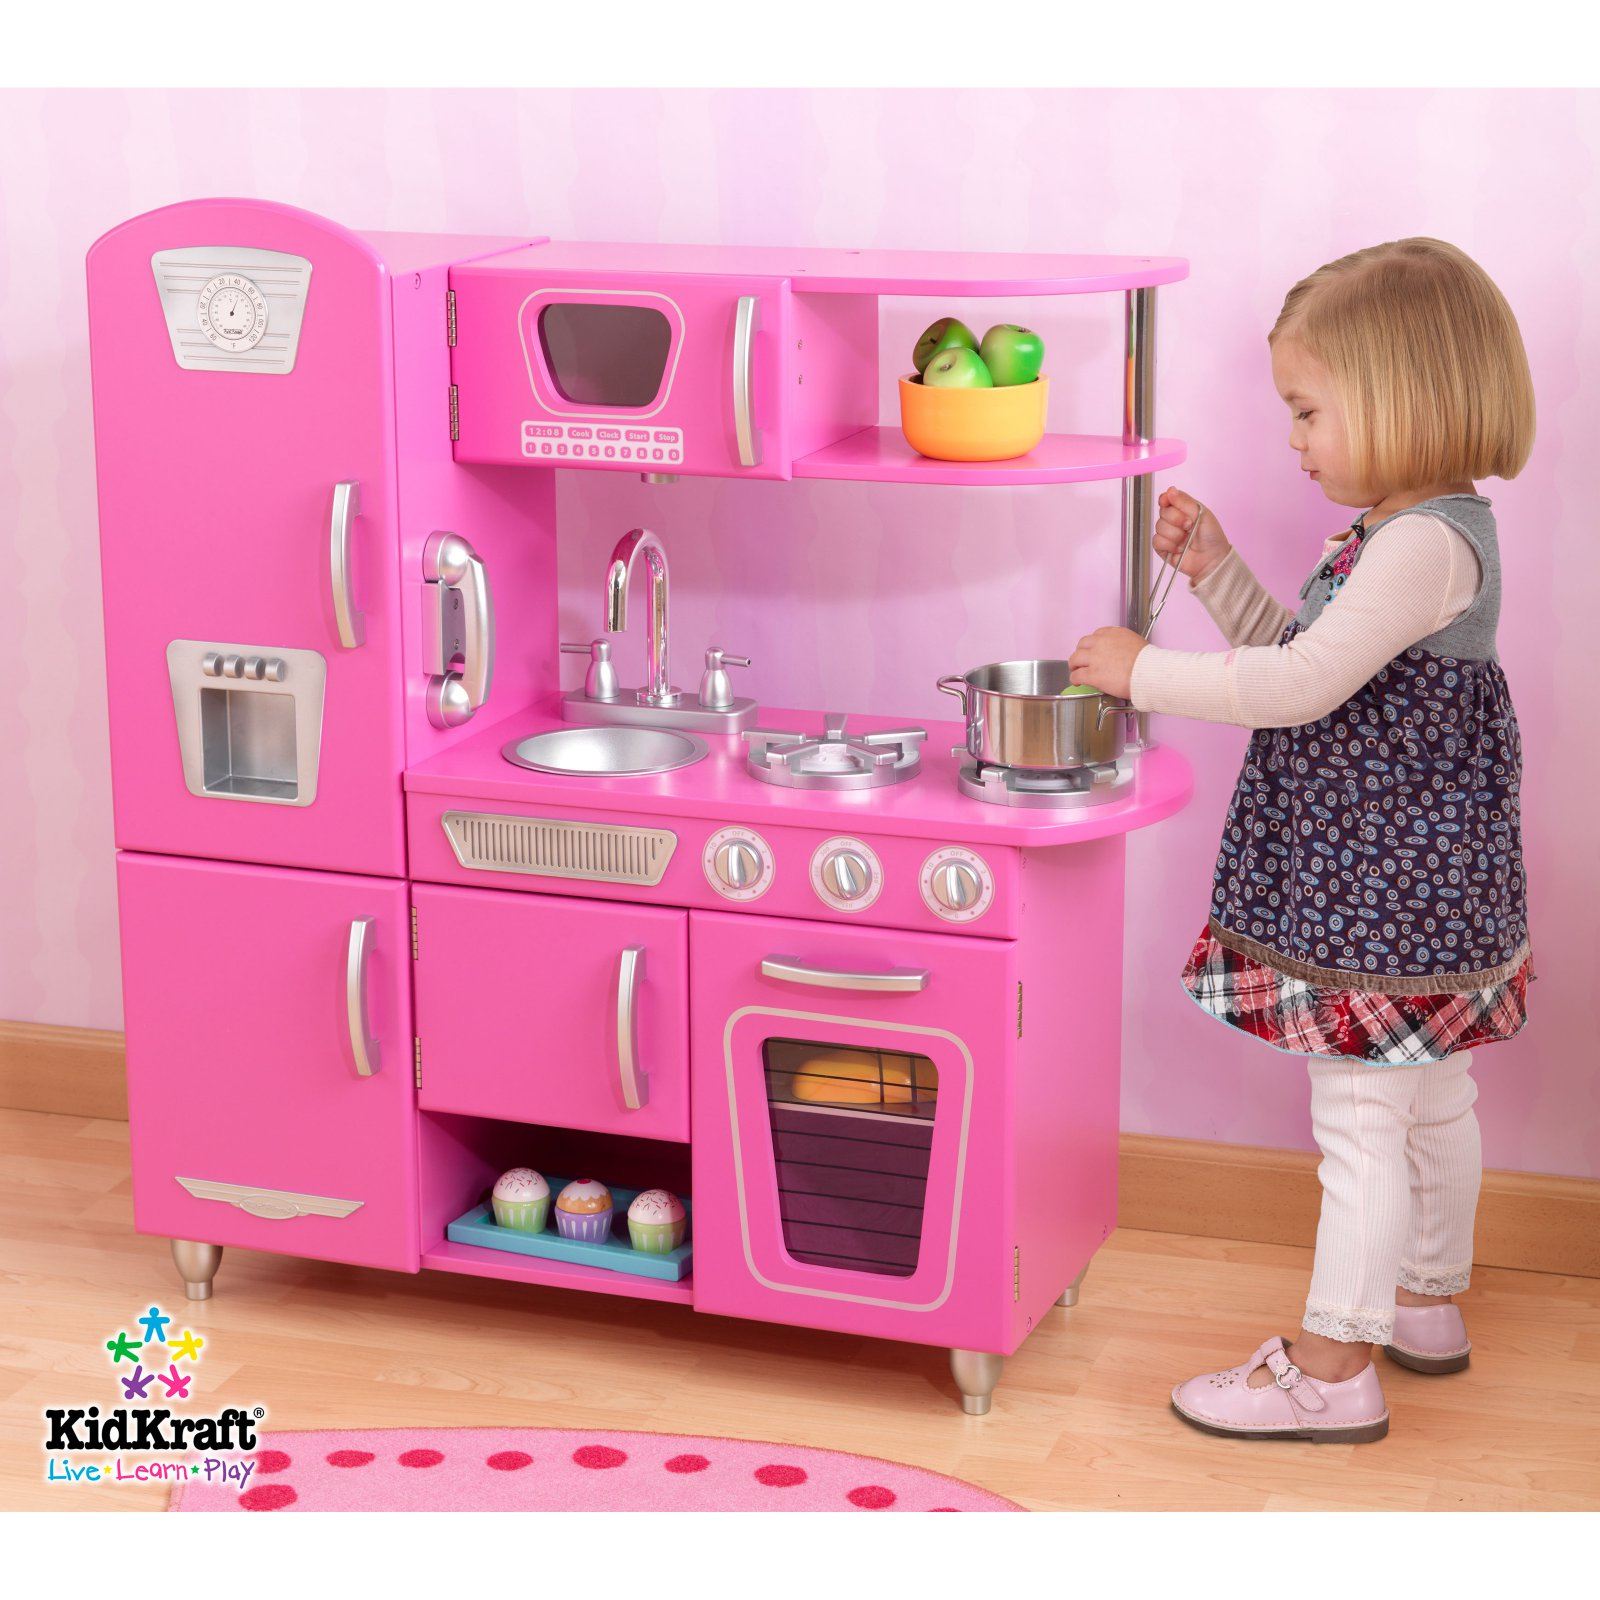 KidKraft Bubblegum Vintage Kitchen 53220 by KidKraft